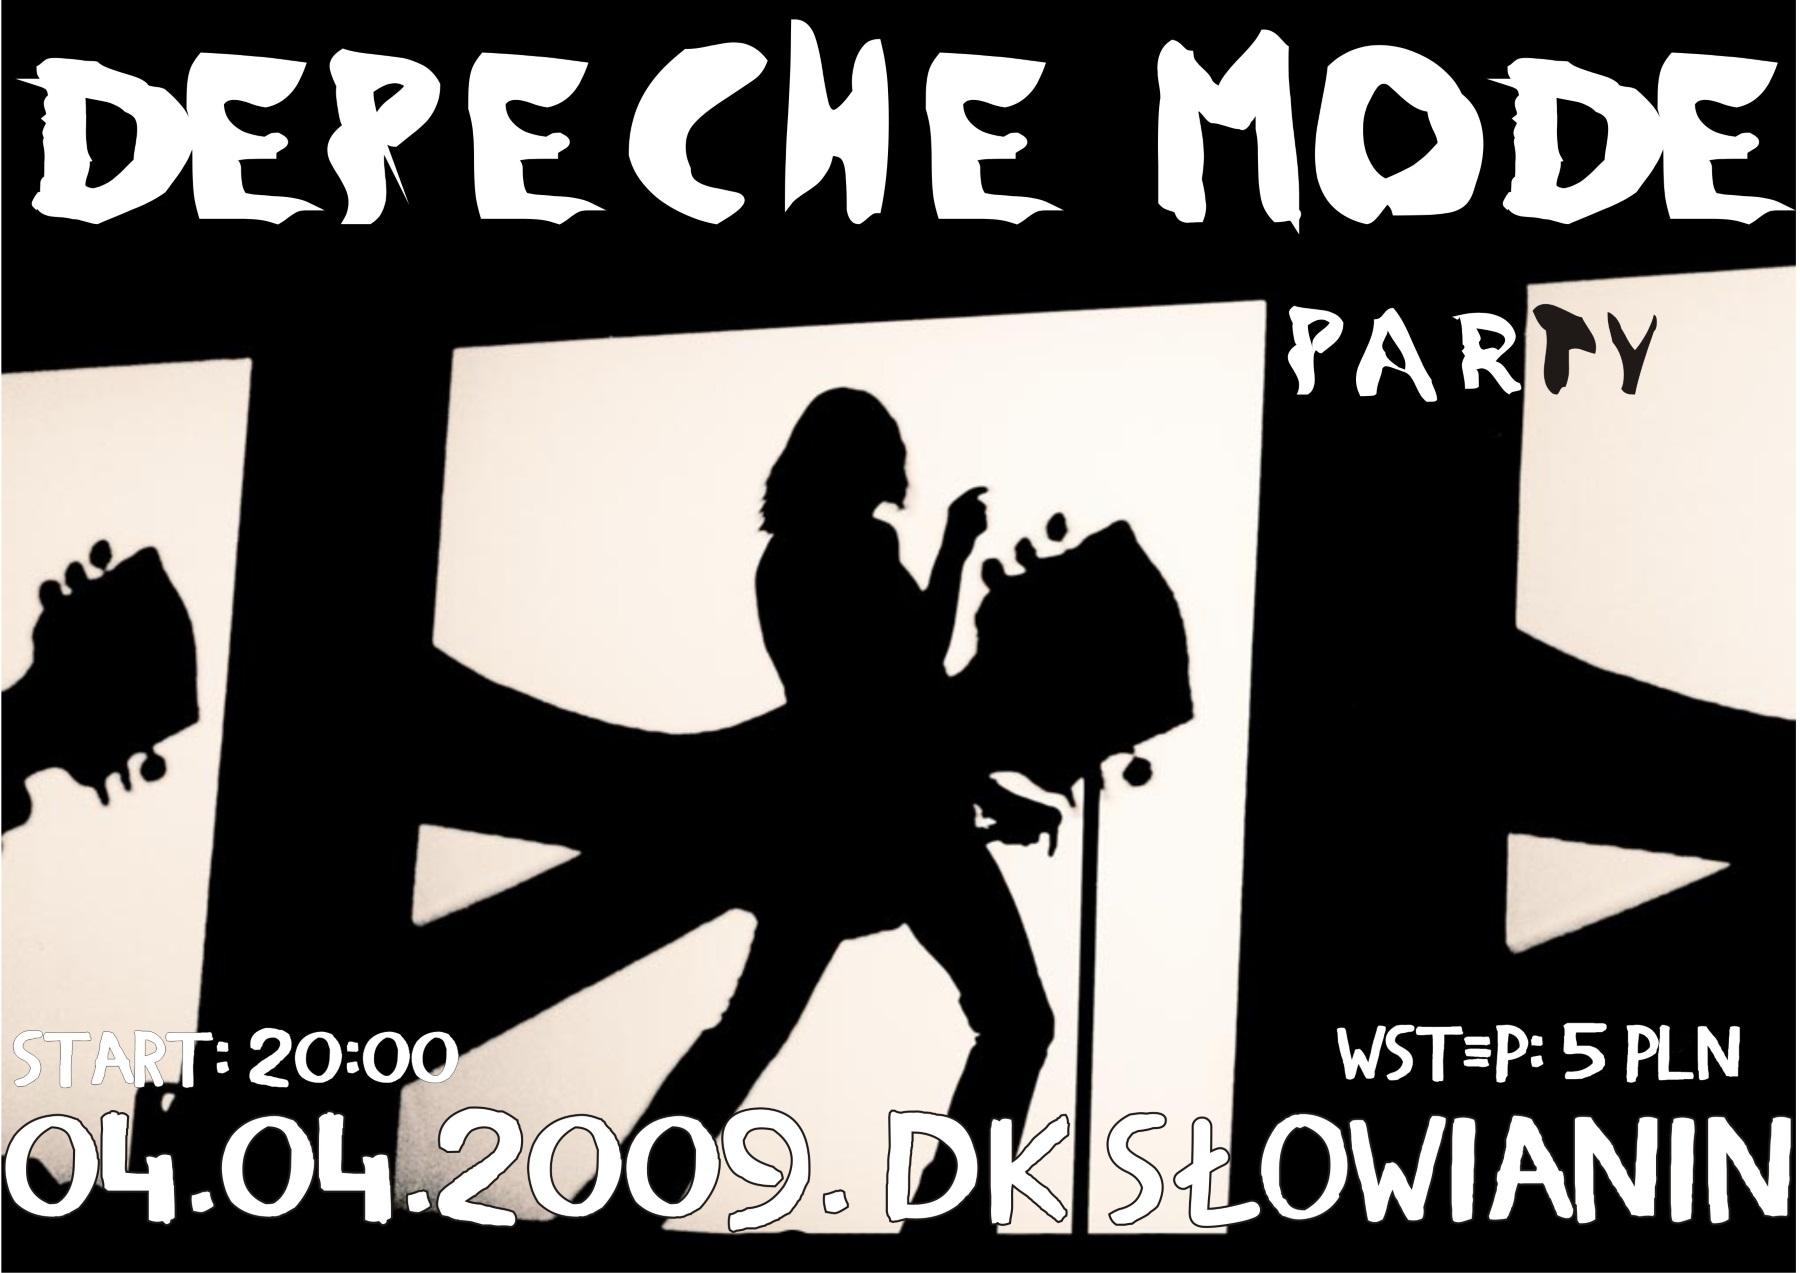 2009-04-04-slowianin_kwiecien_2009sssss